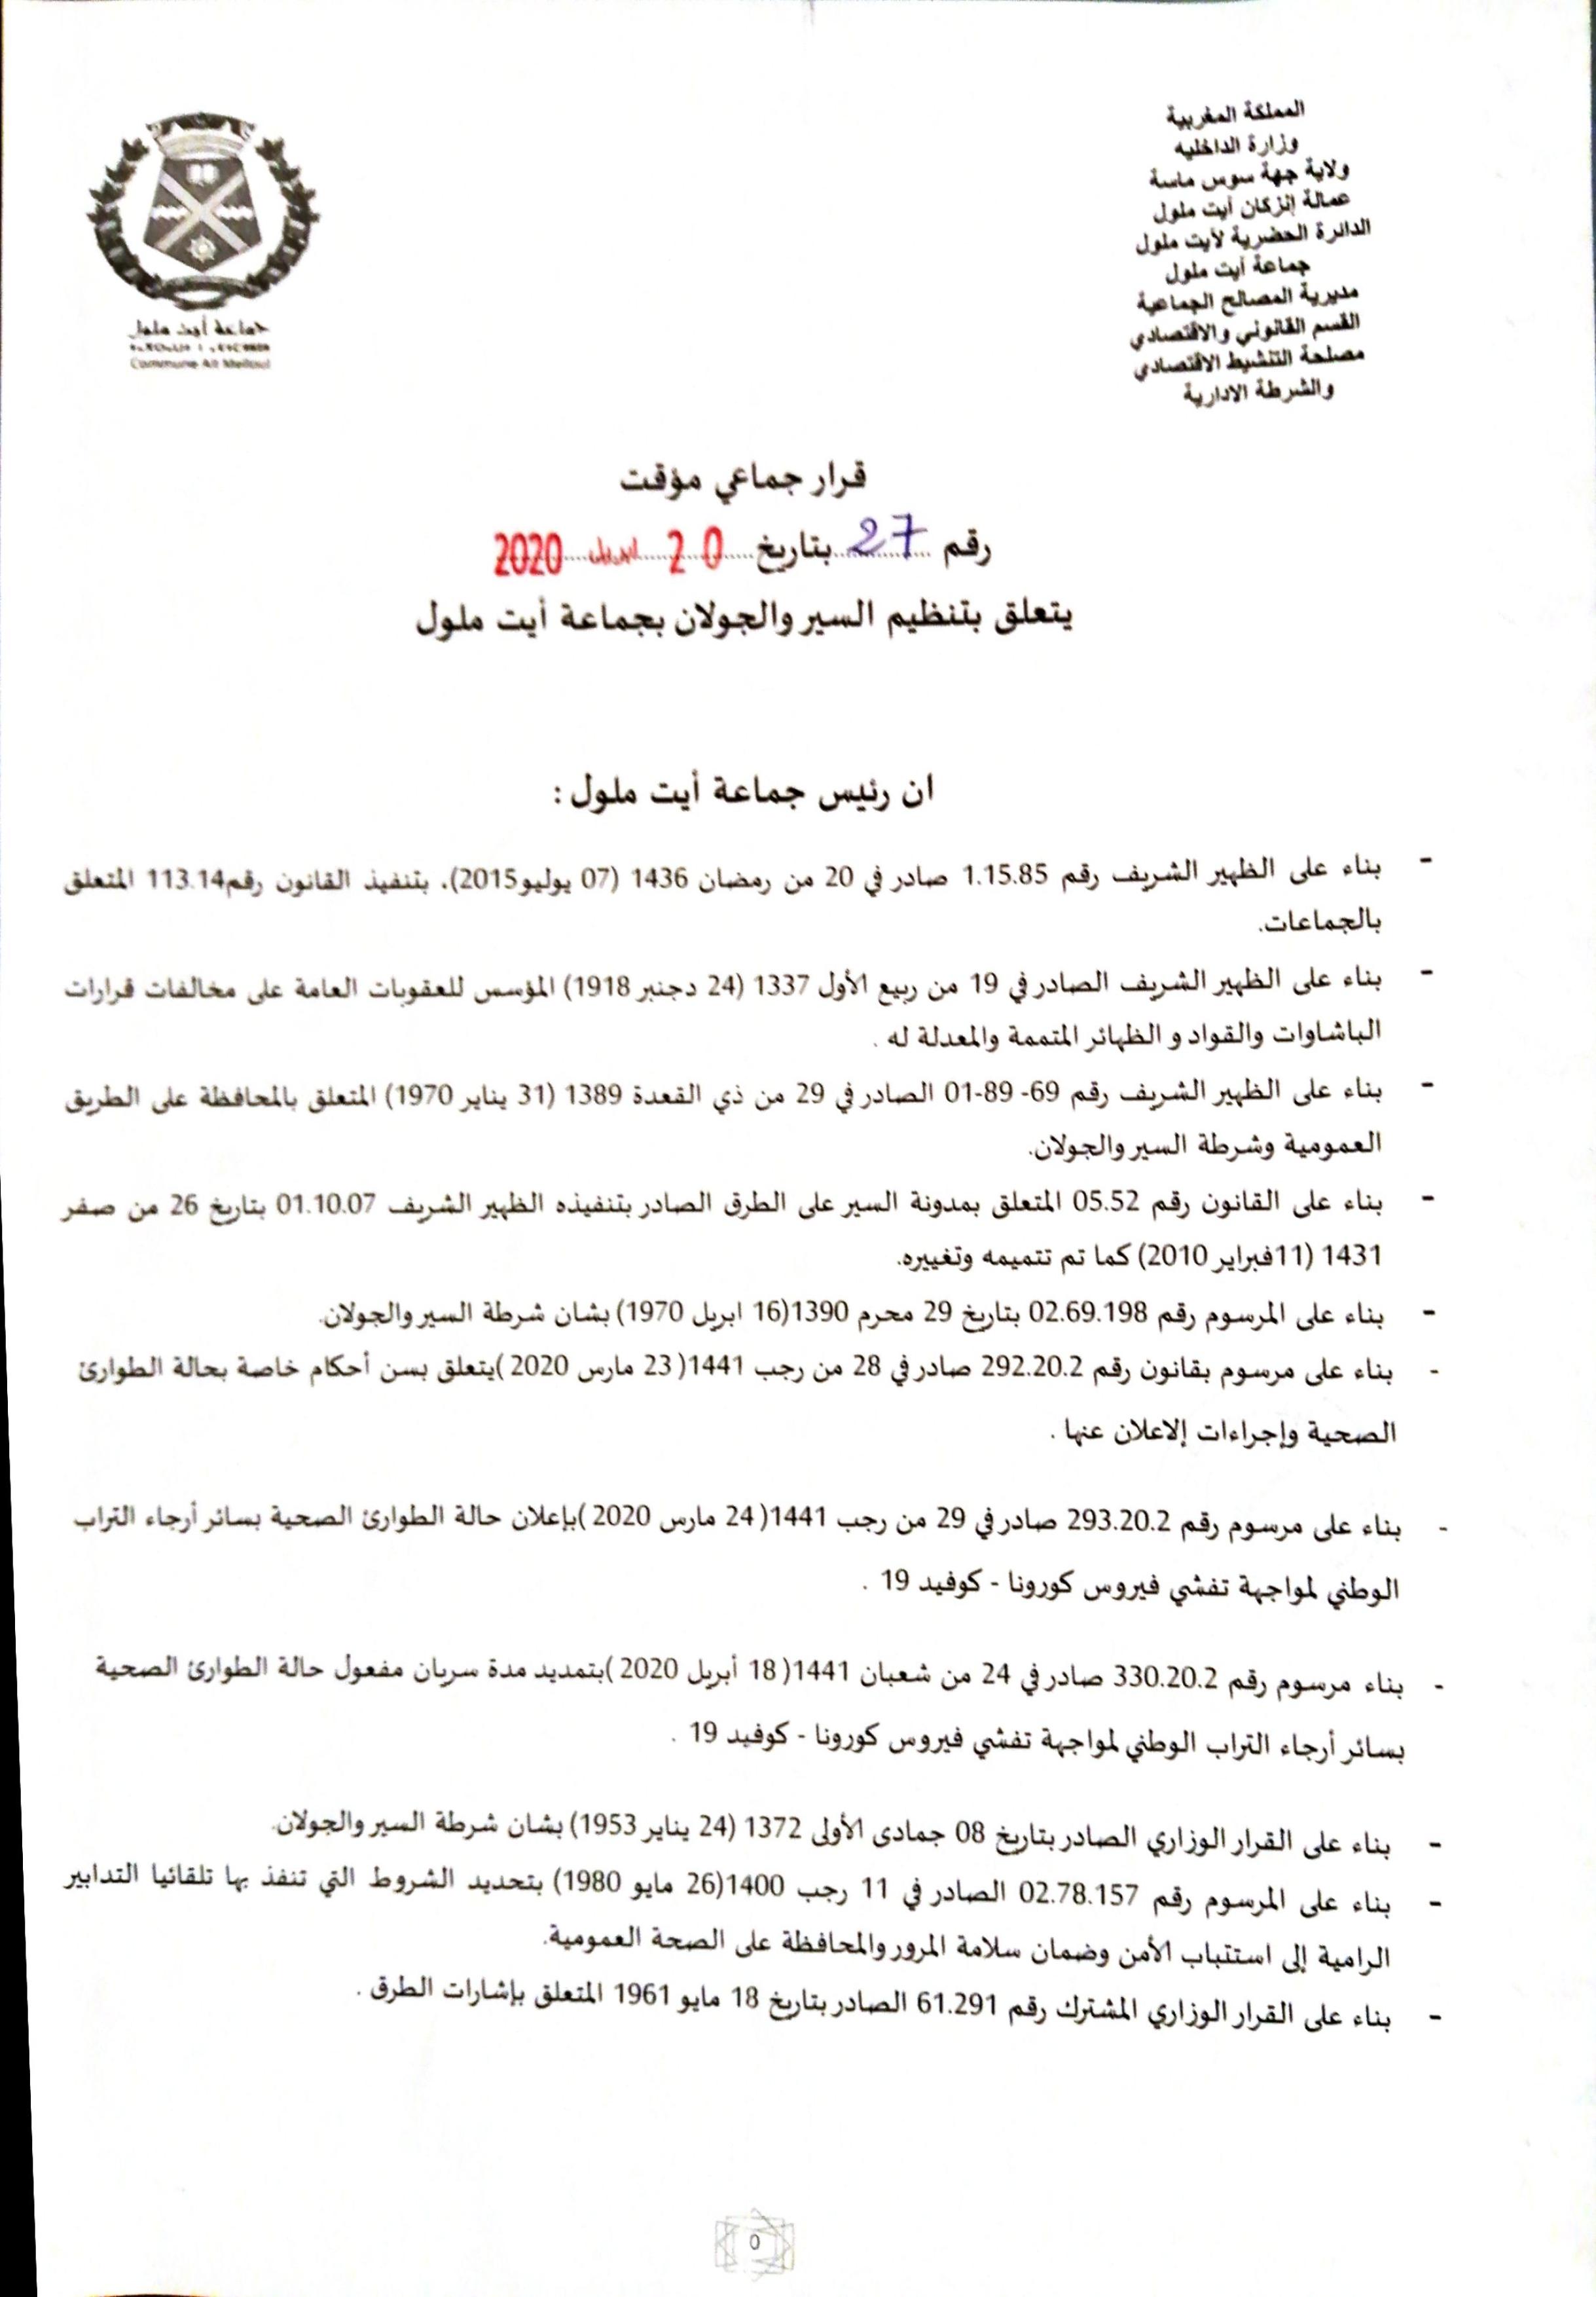 قرار جماعي رقم 27 بتاريخ 20 أبريل 2020 يتعلق بتنظيم السير والجولان بجماعة أيت ملول